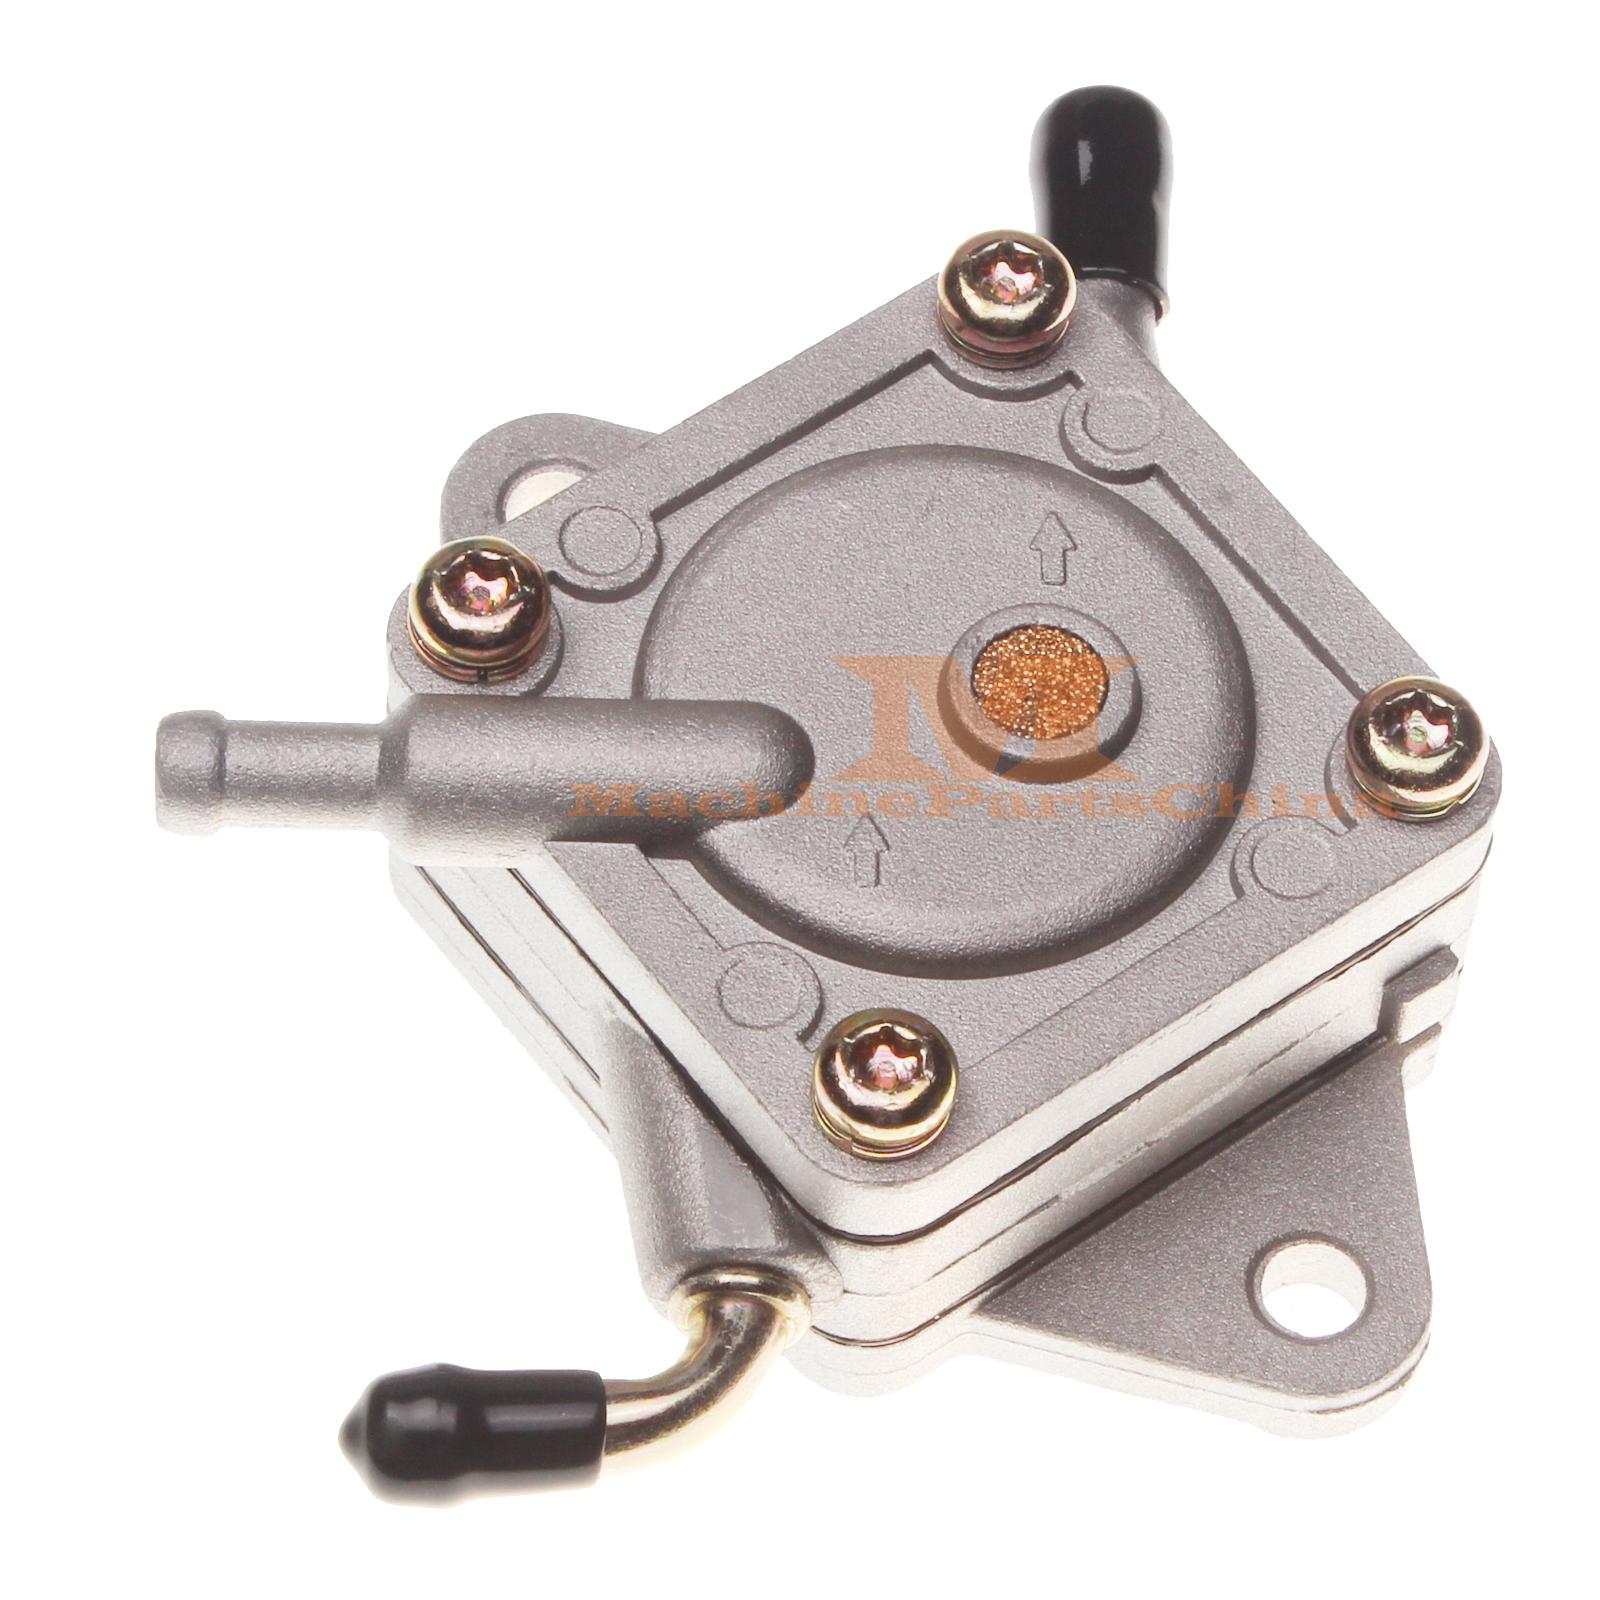 zt truck parts 49040-2066 Fuel Pump Fit for Kawasaki FC290V FC400V FC400V FC401V FC420V FC540V